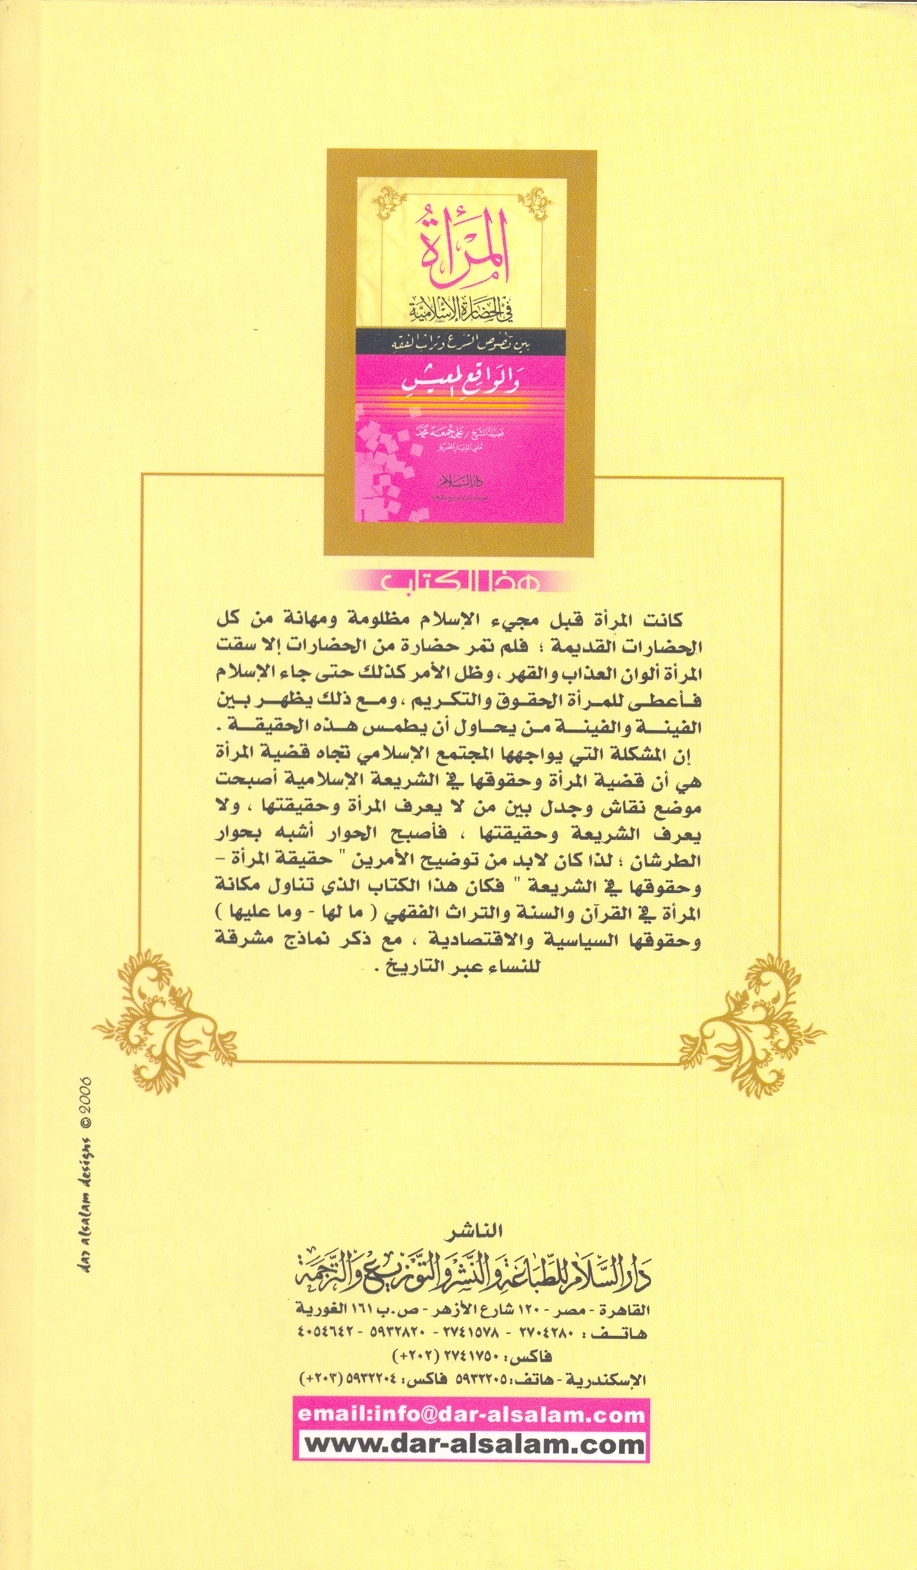 المرأة في الحضارة الإسلامية؛ بين نصوص الشرع وتراث الفقه والواقع المعيش